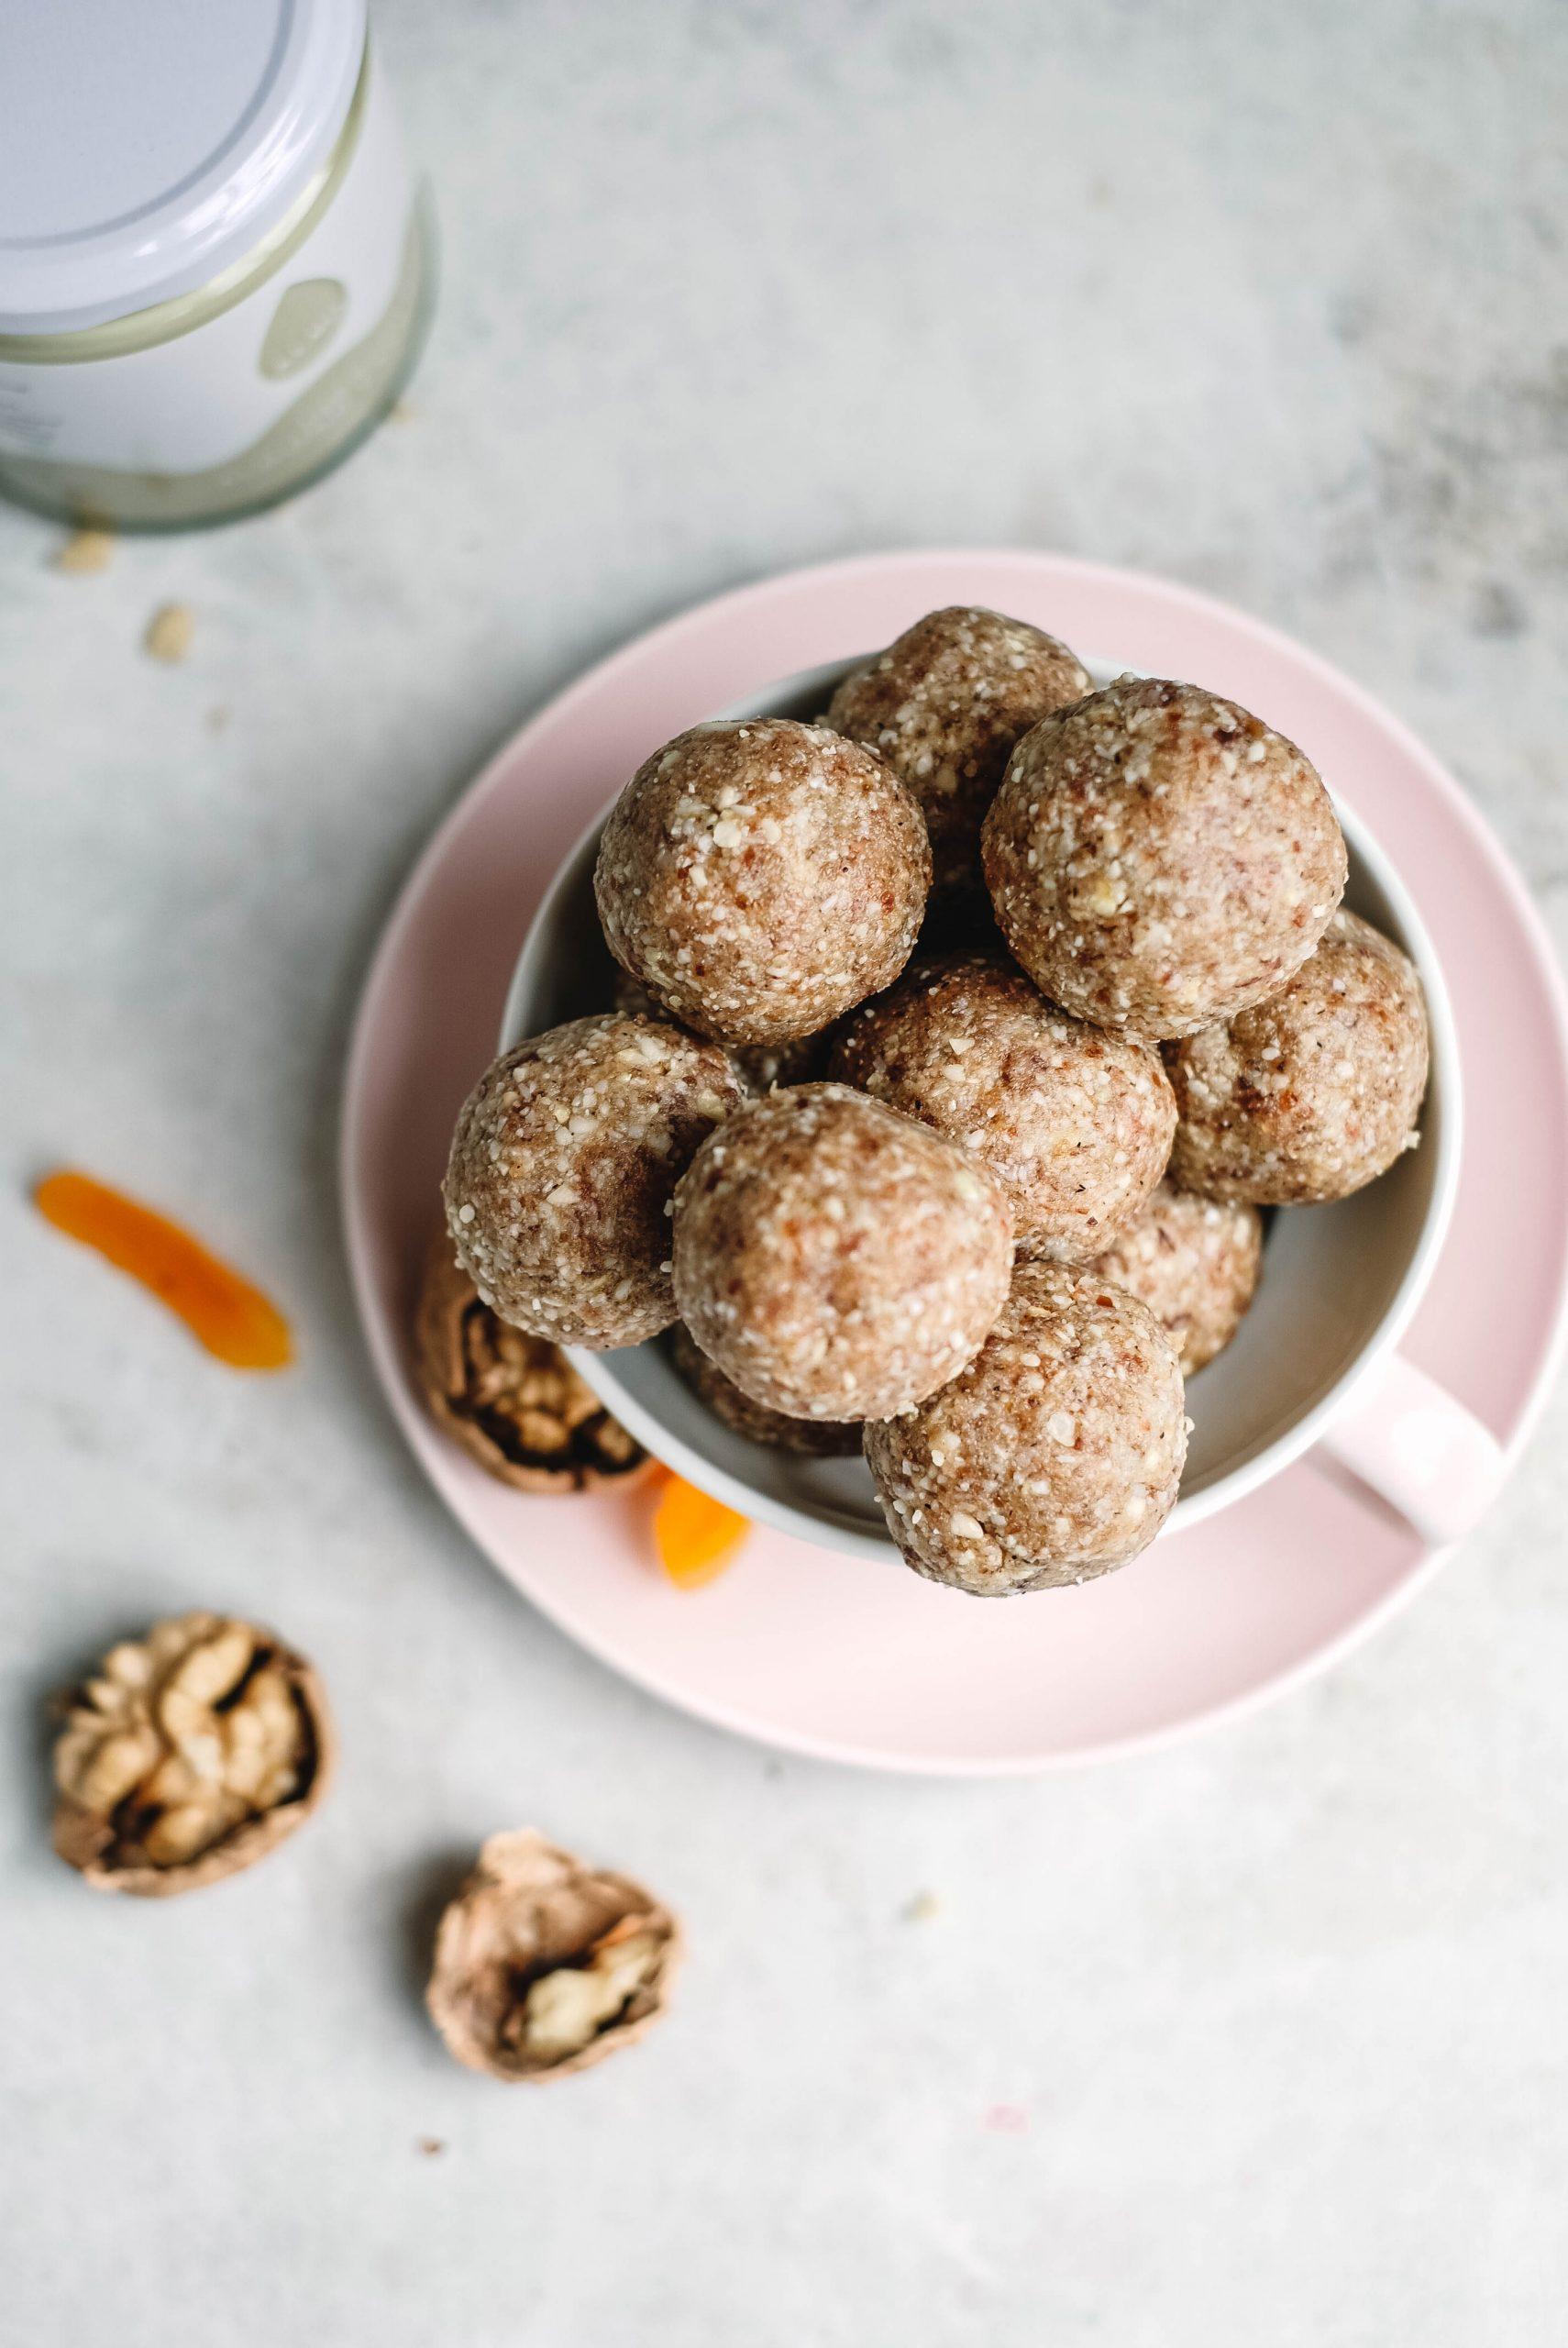 Walnut Apricot Protein Balls